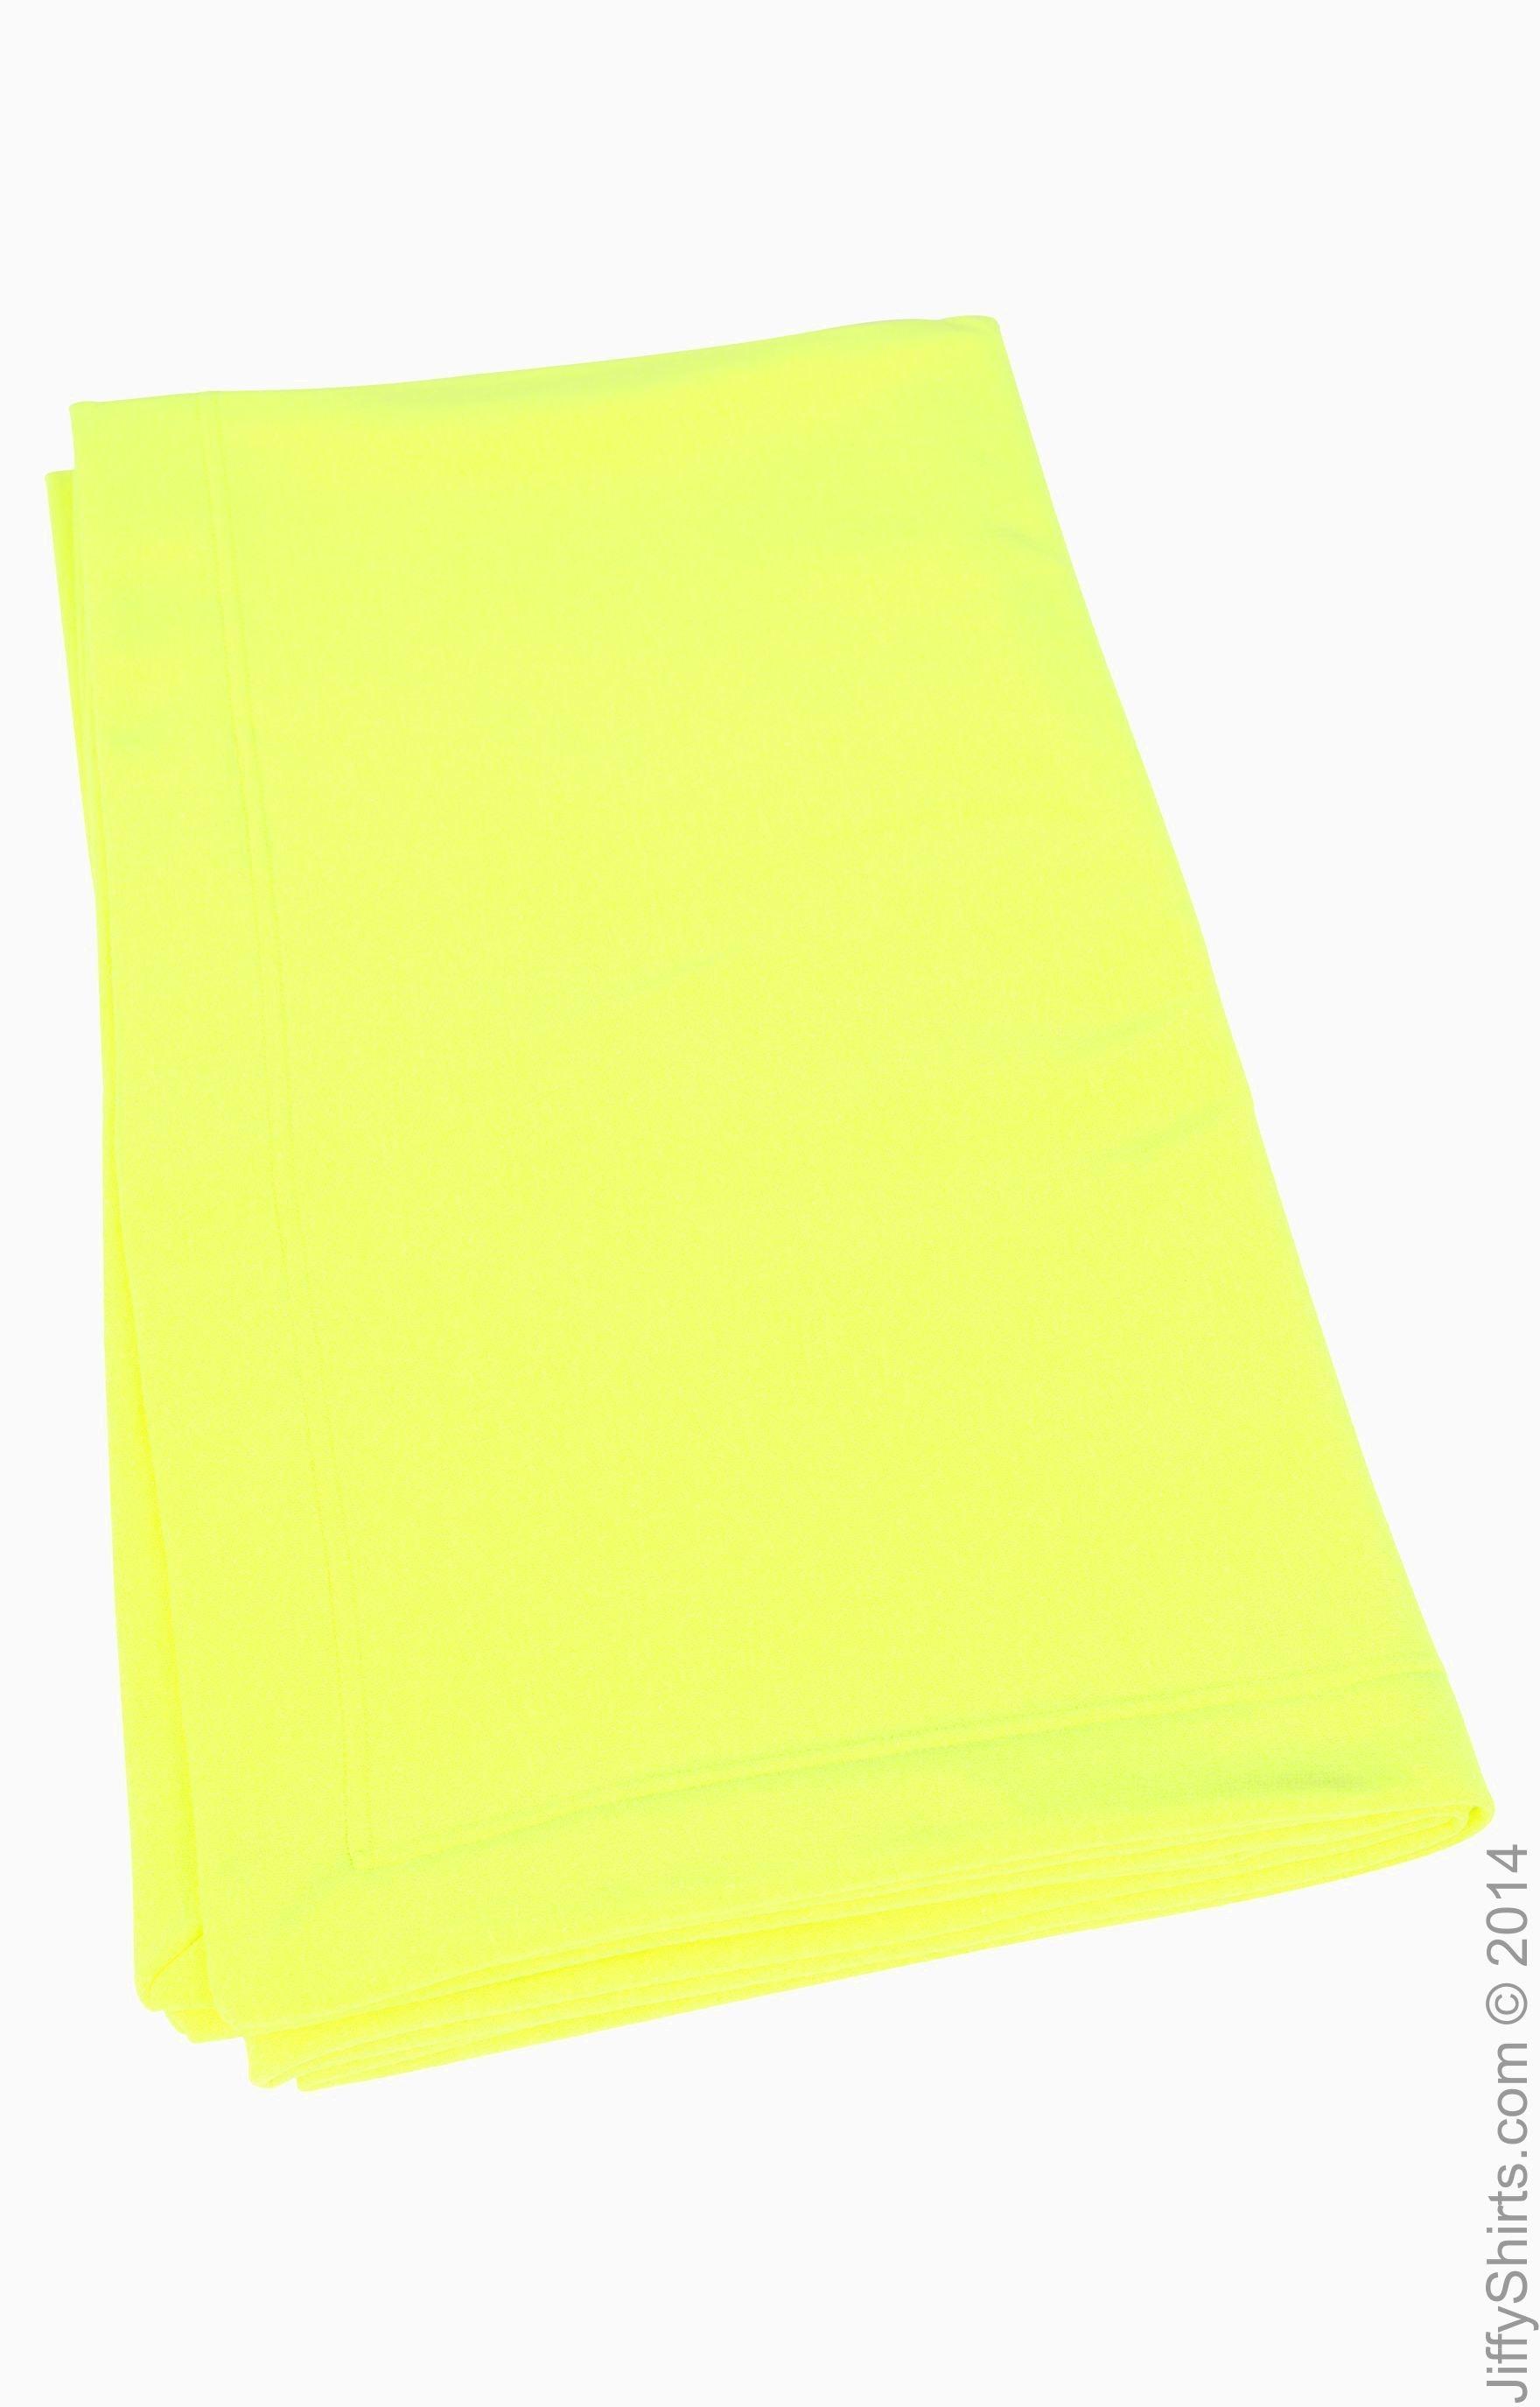 9171cc66148b0d.jpg?ixlib=rb 0.3